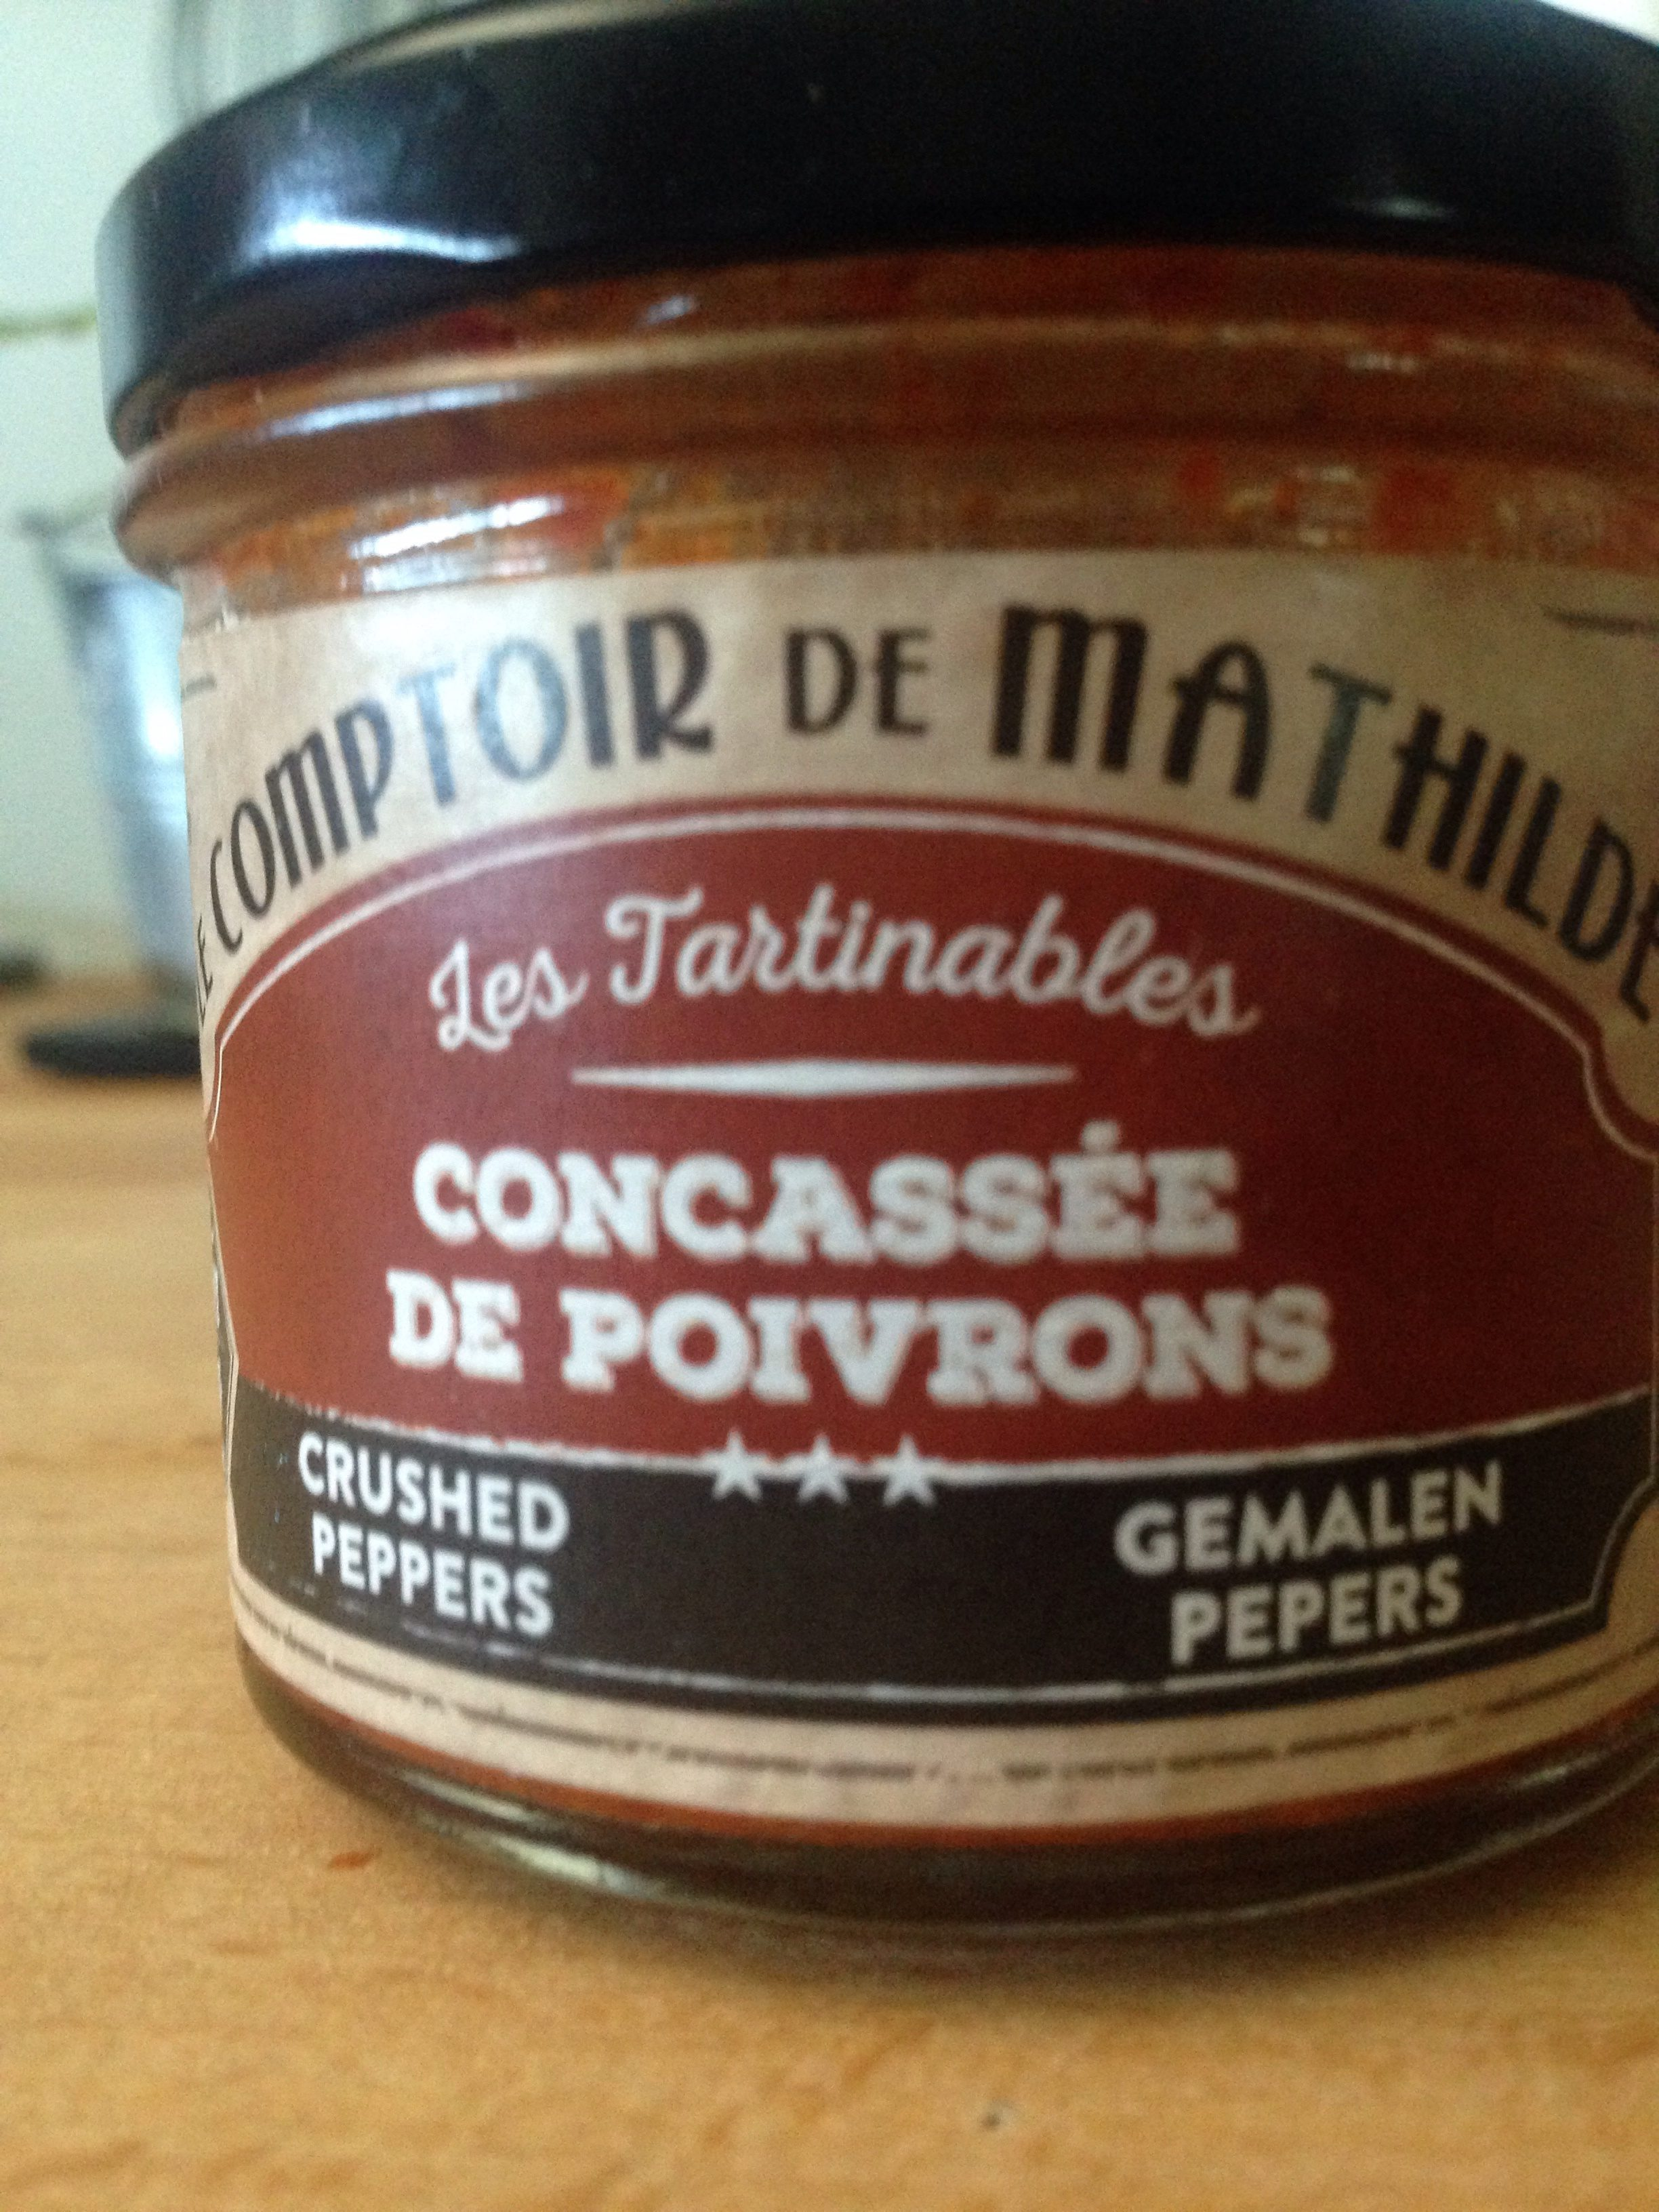 Concassée de Poivrons - Ingrédients